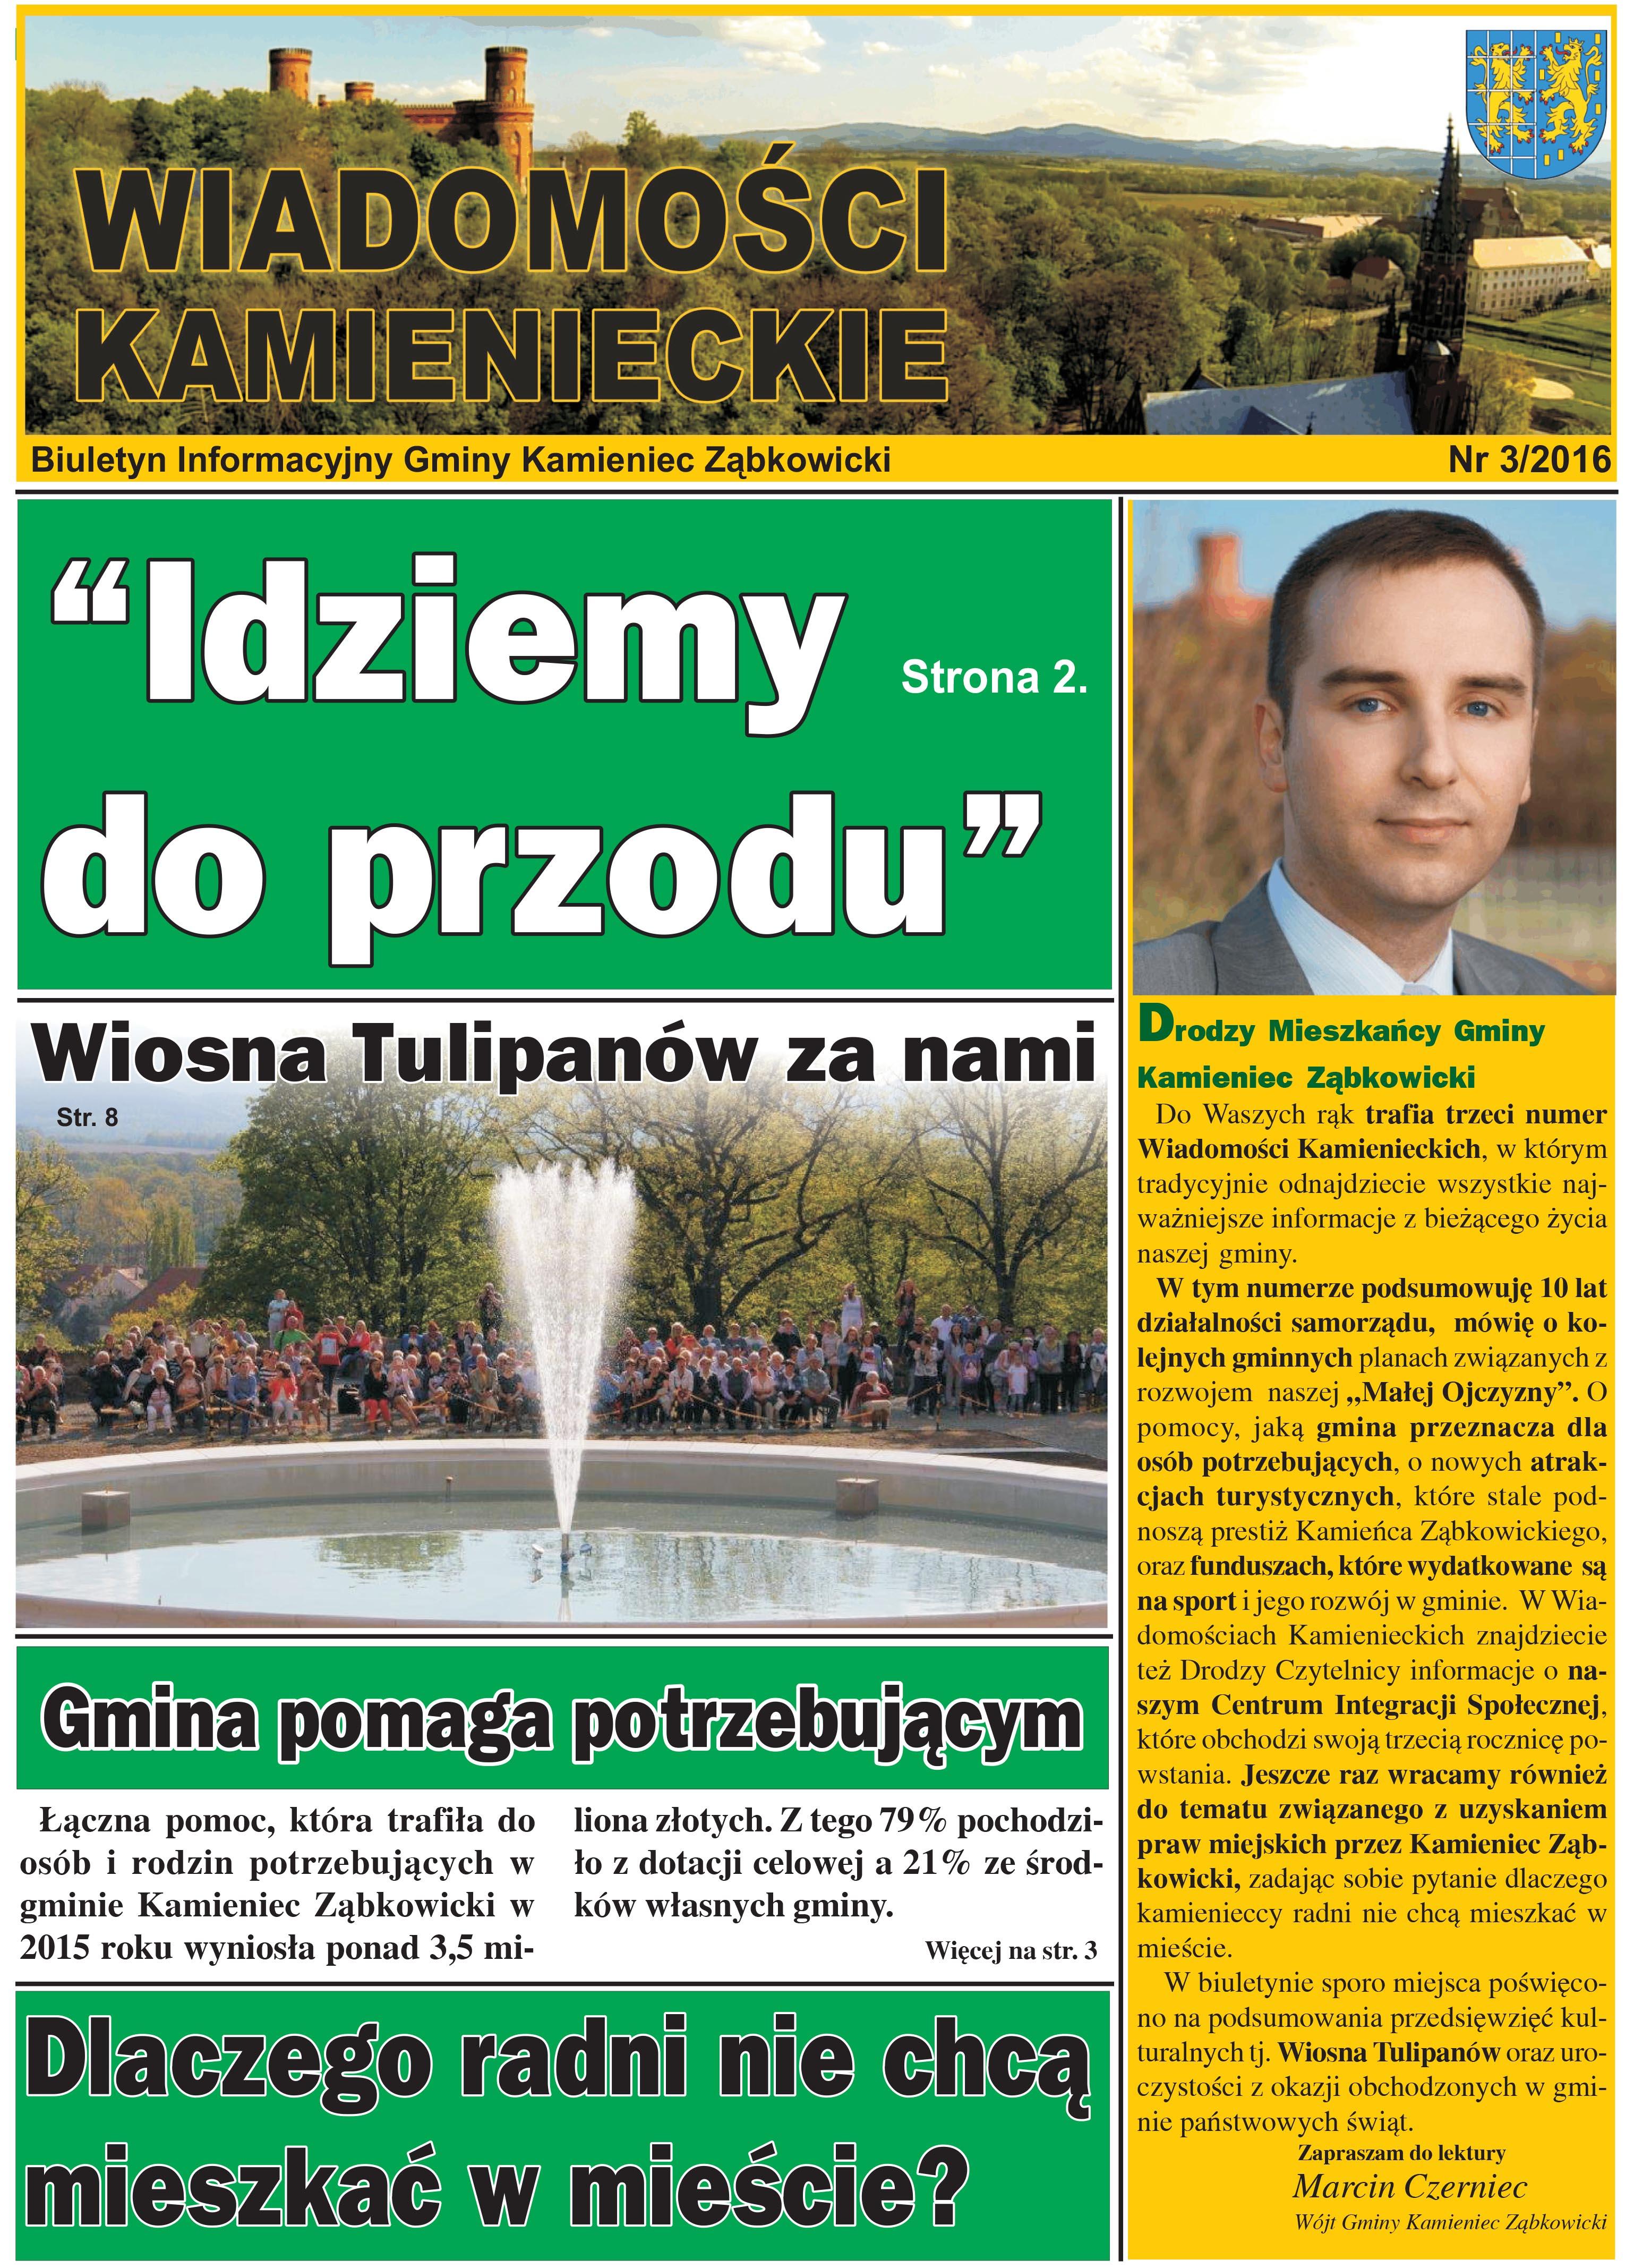 Wiadomości Kamienieckie_3_2016 (1)